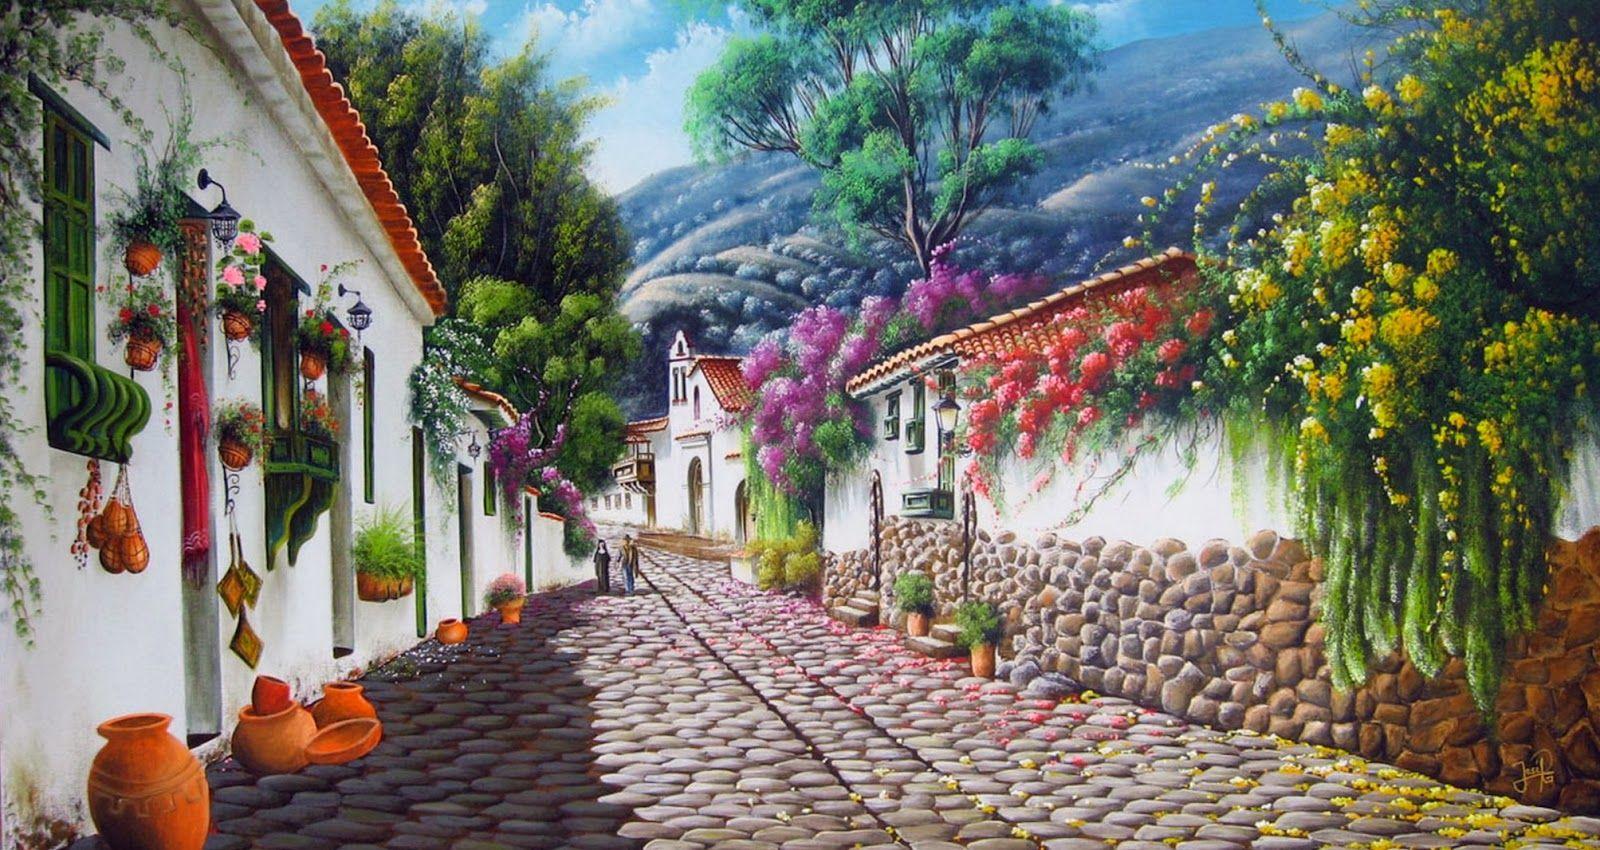 Pintores de paisajes colombianos cuadros al oleo dibujo for Pintor y muralista colombiano